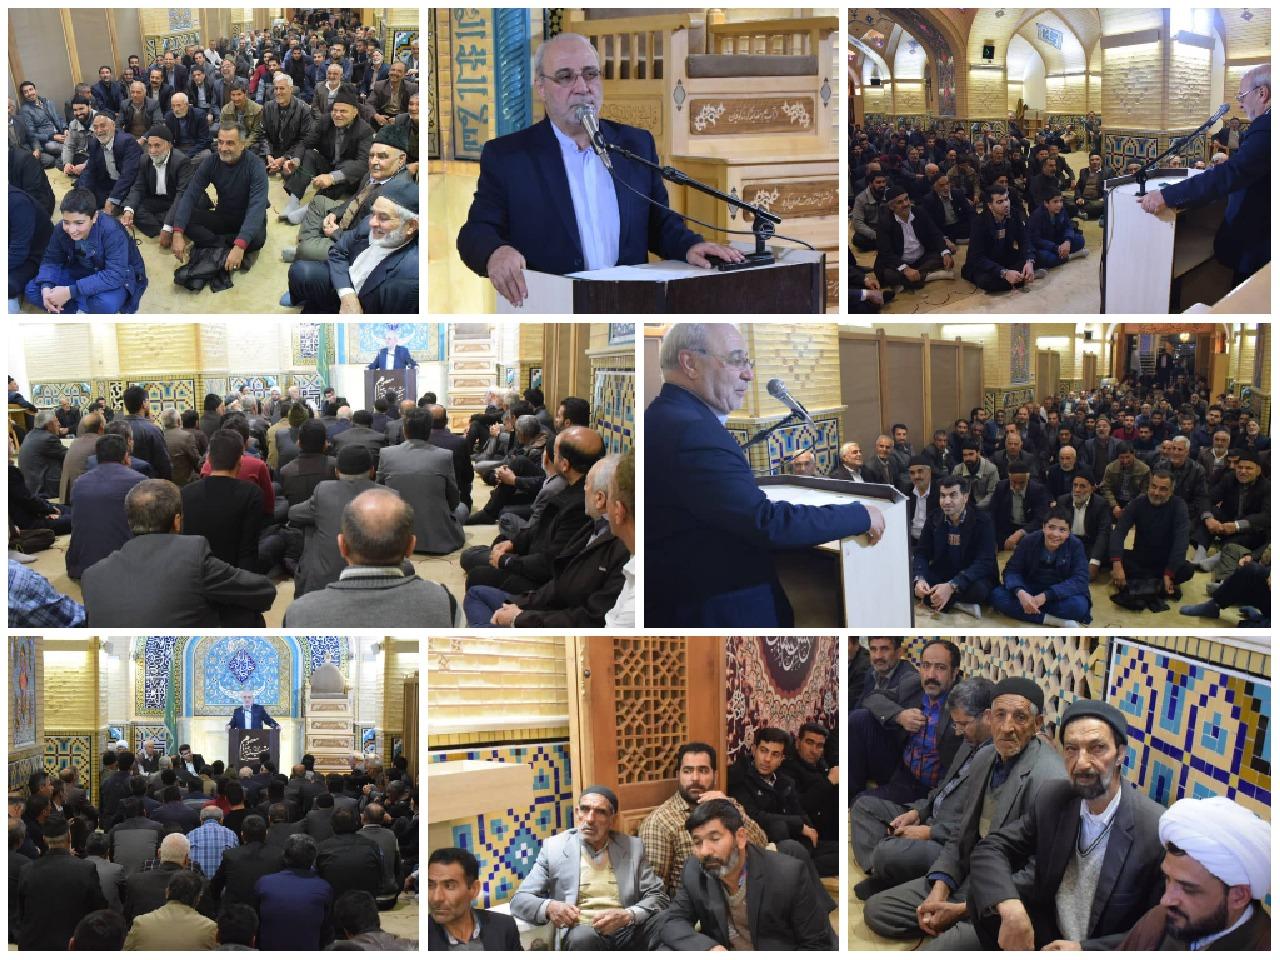 حاجی در اجتماع پرشور هواداران خود در شهرگرگاب: